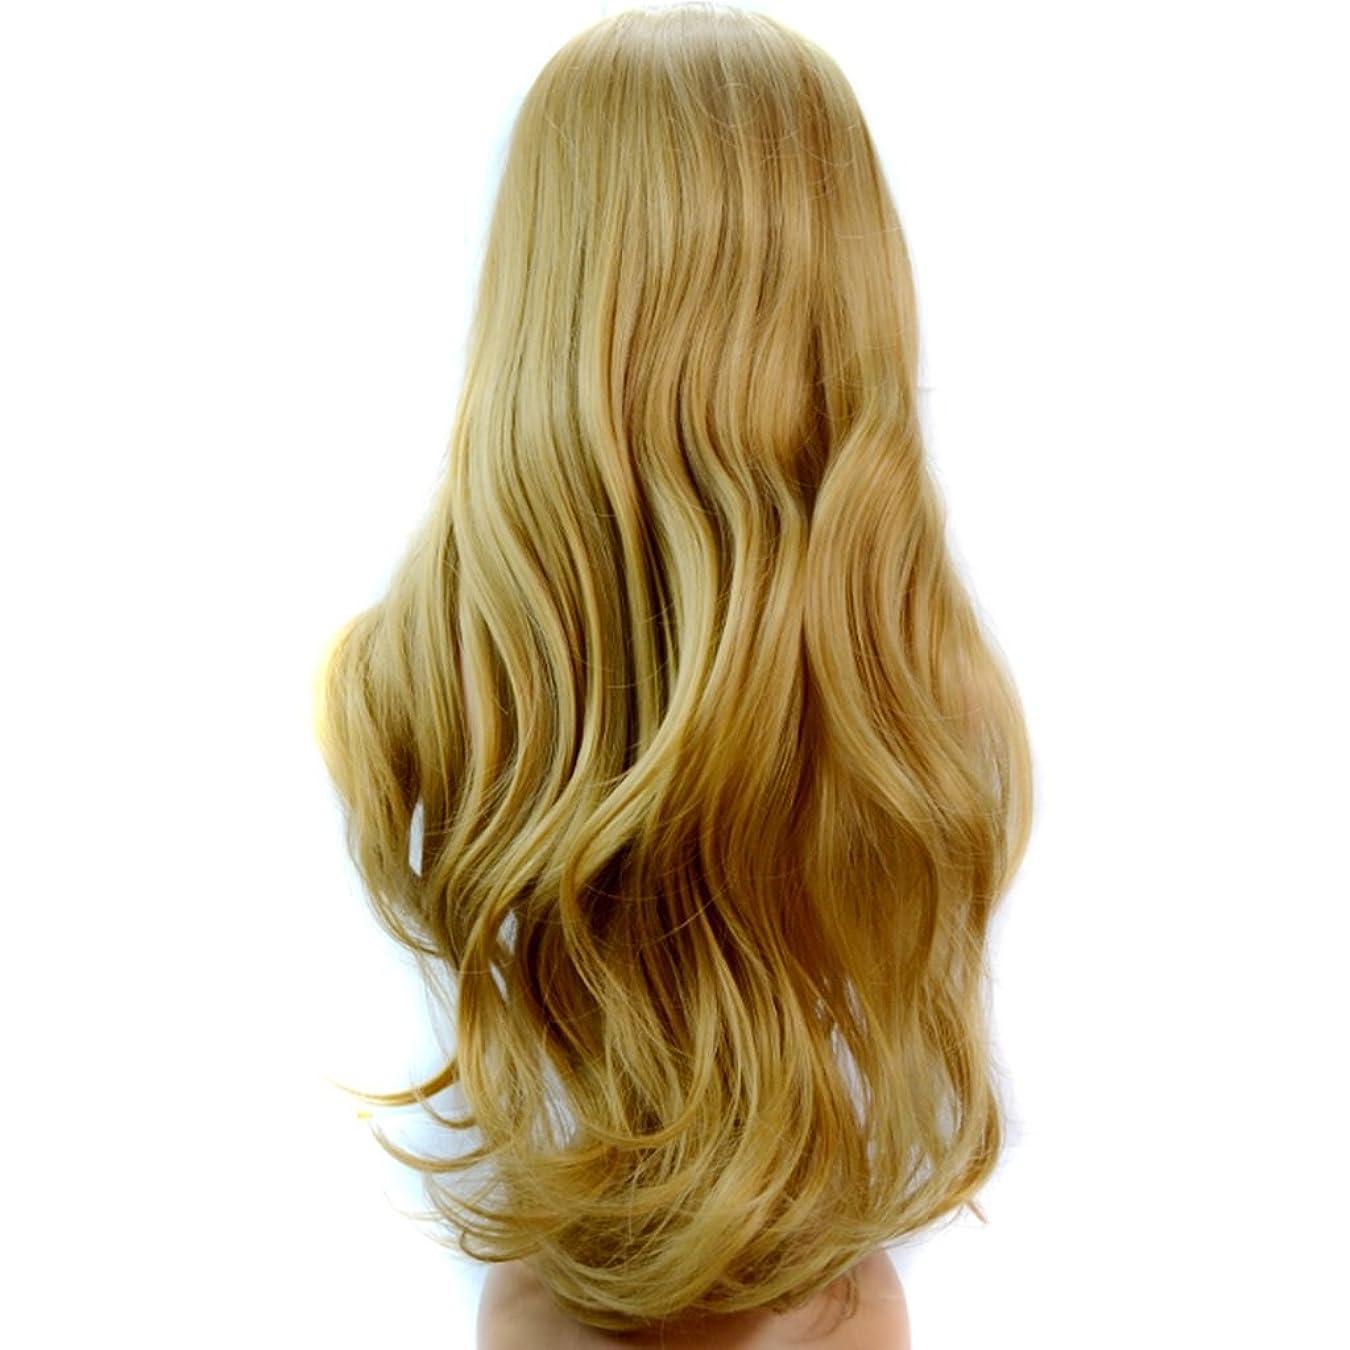 ガレージジレンマほめるIsikawan 金の毛髪の自然な女性のかつら - 部分的なかつら大きい波状の-65 cm長い斜め前髪カーリーかつら (色 : 金色)